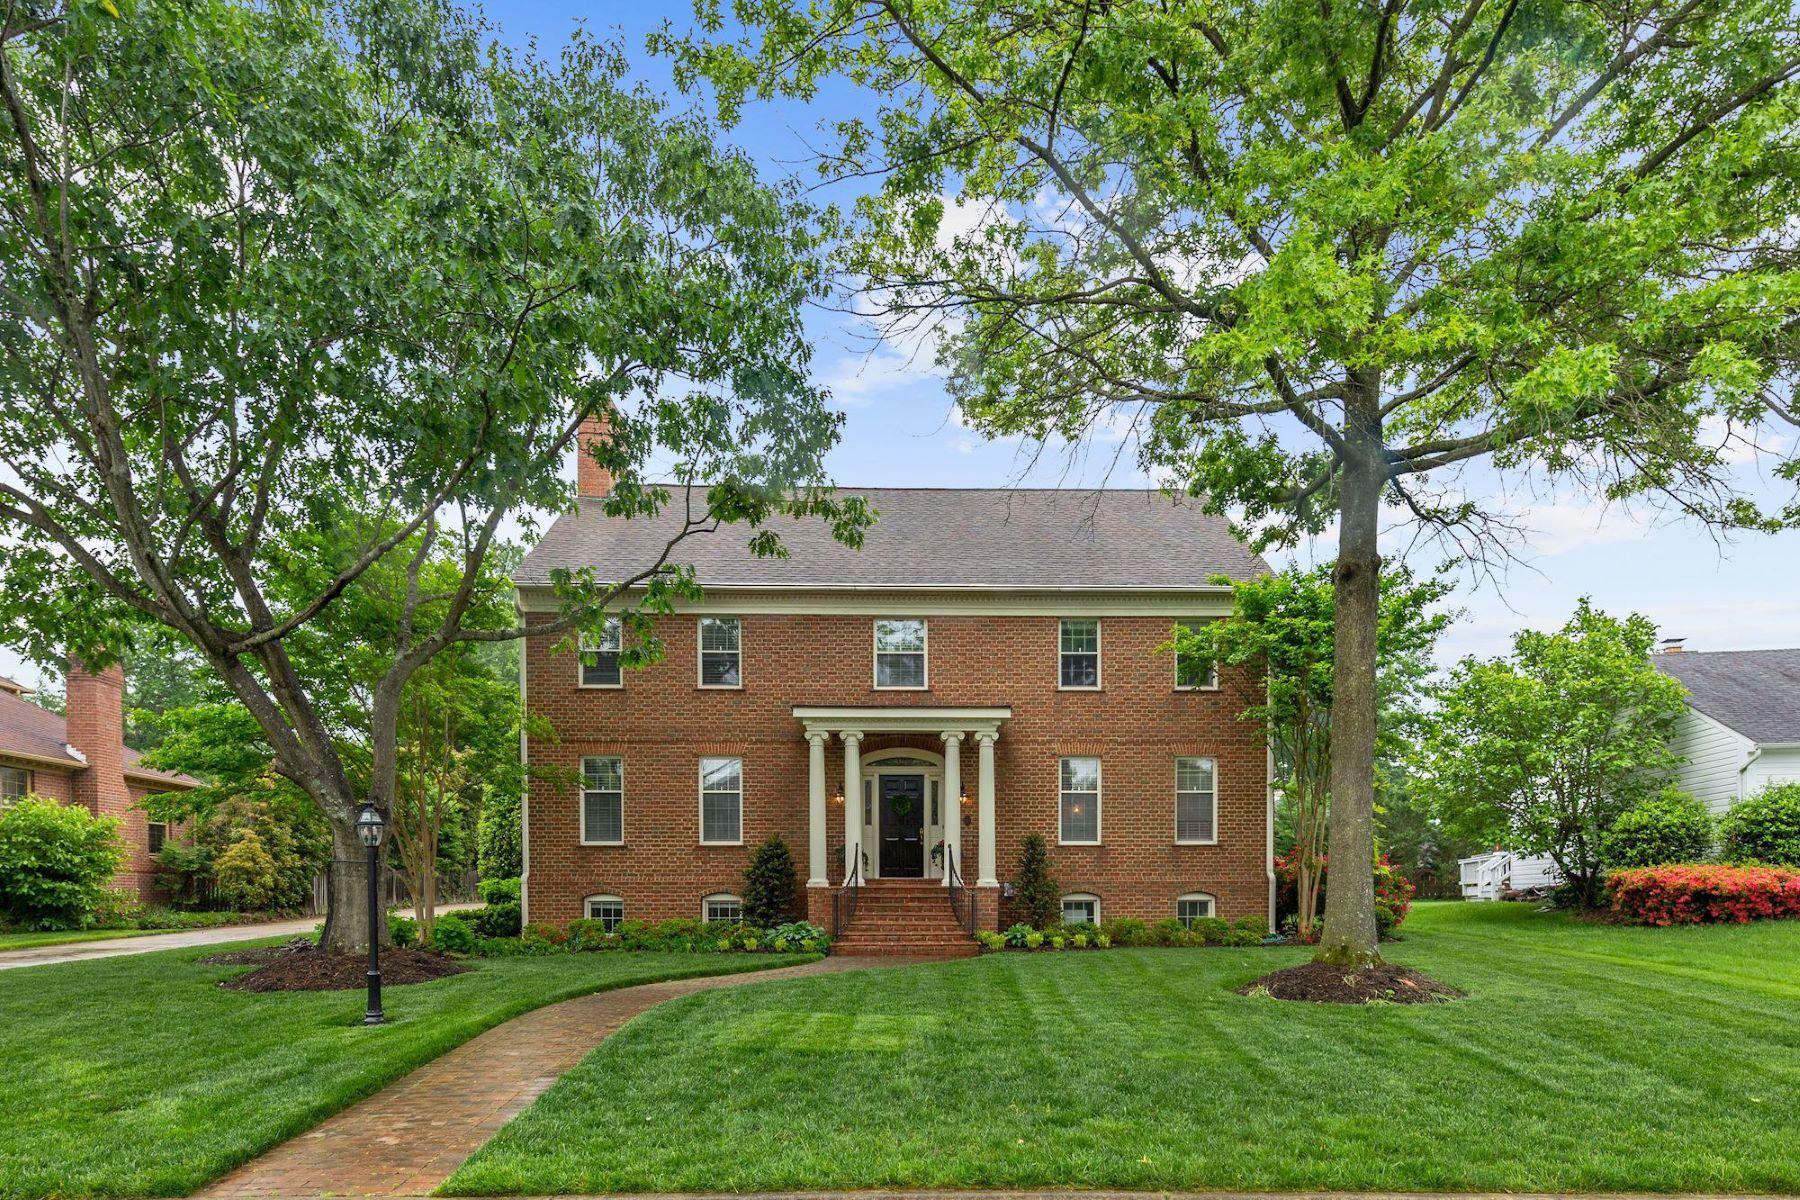 Μονοκατοικία για την Πώληση στο 9404 Mount Vernon Cir 9404 Mount Vernon Cir Alexandria, Βιρτζινια 22309 Ηνωμενεσ Πολιτειεσ